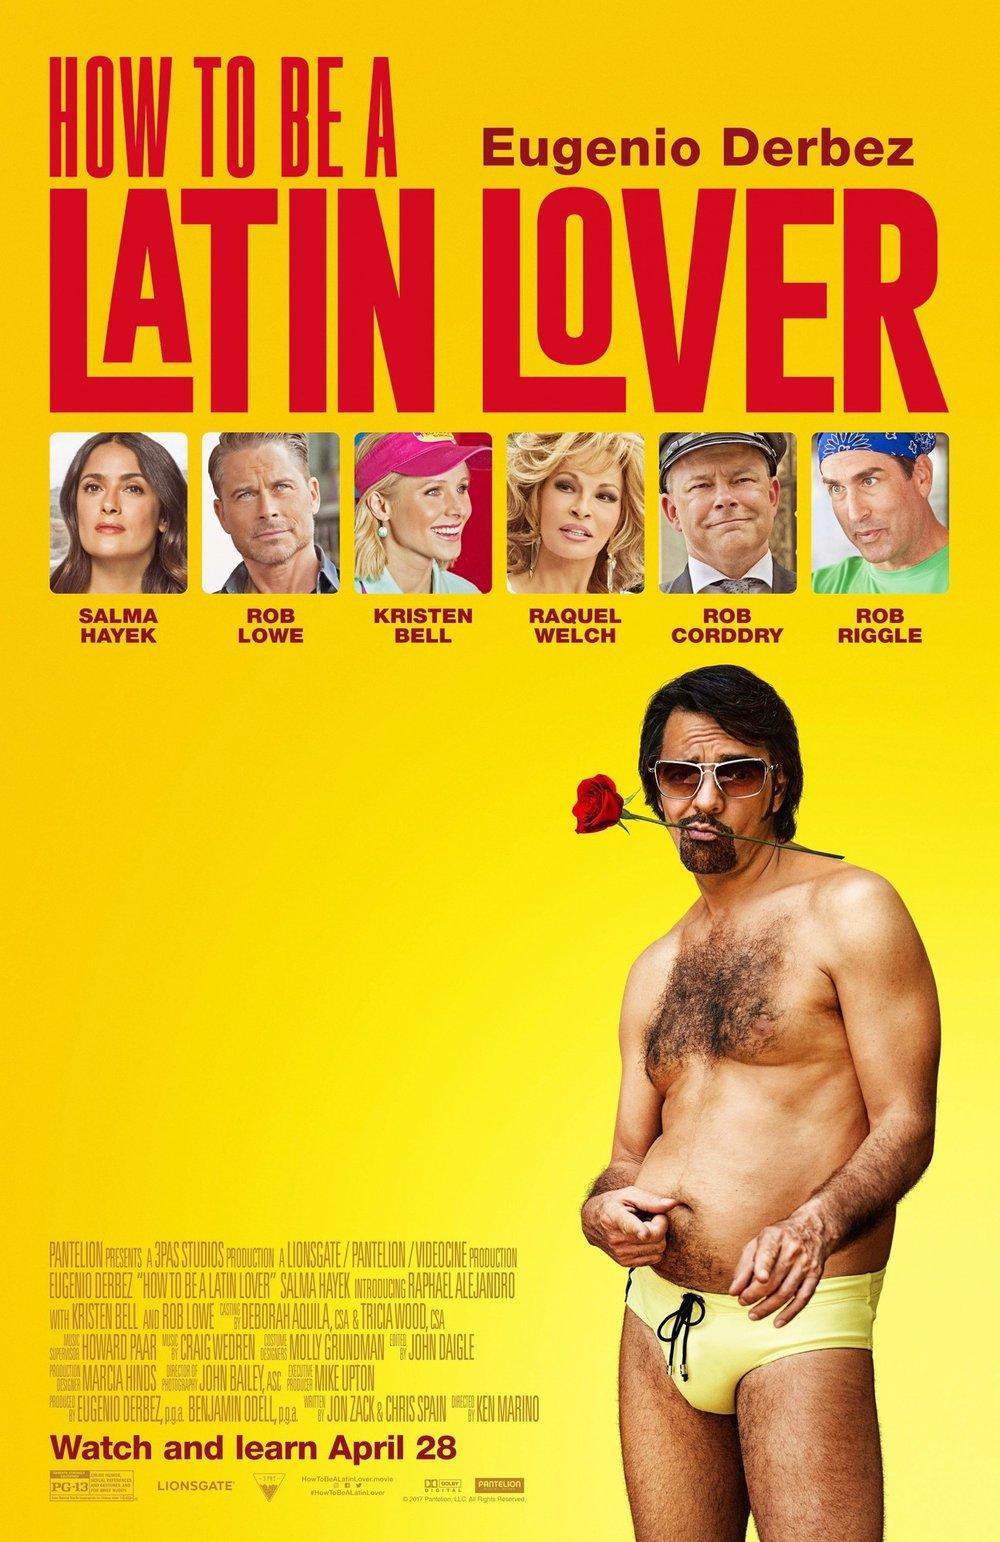 latin-lover-poster04.jpg